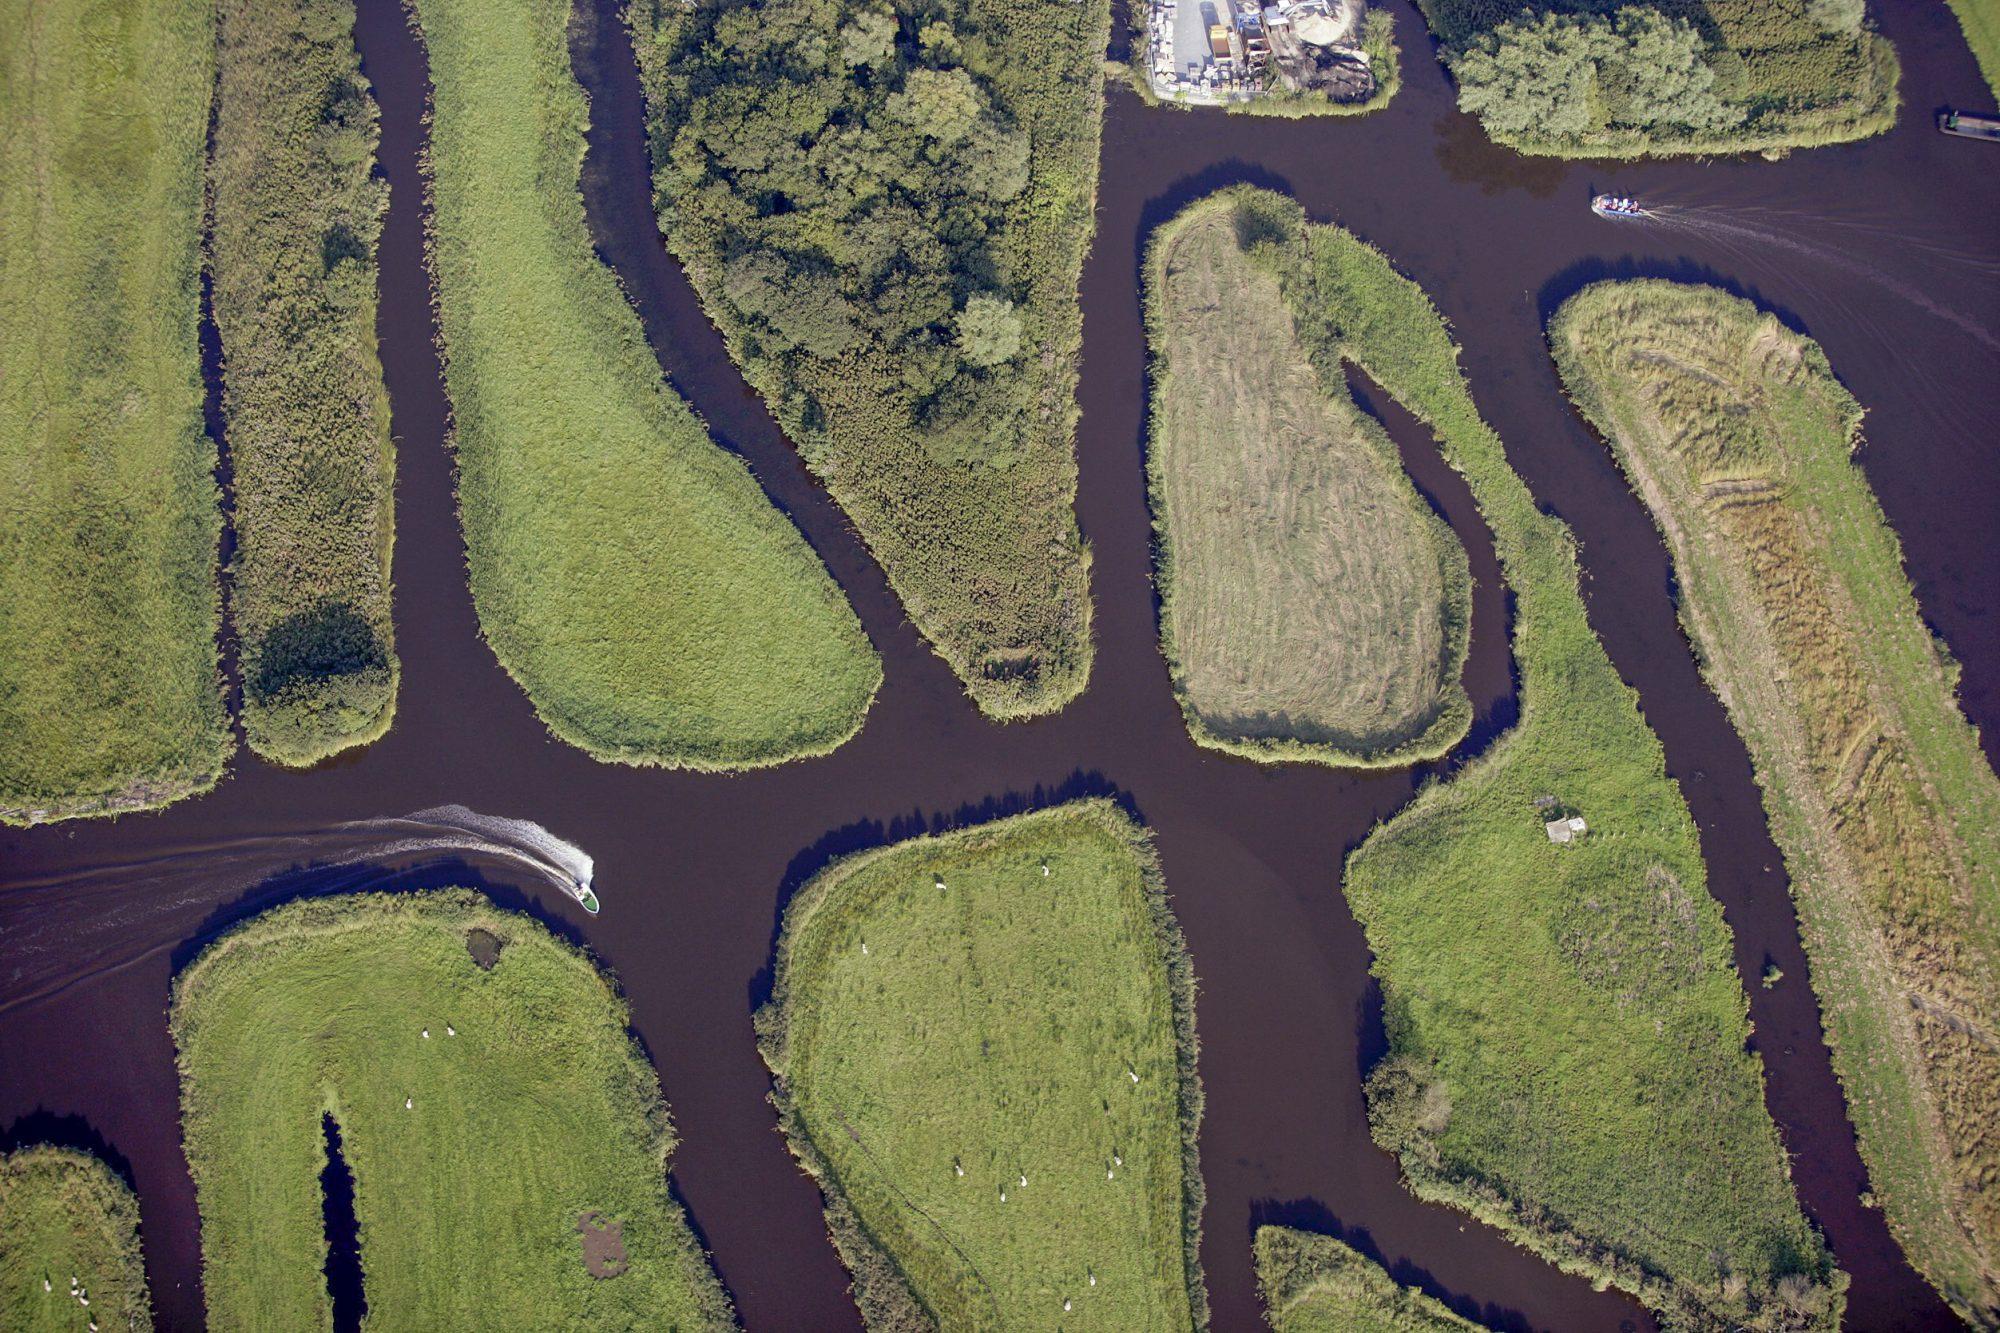 Recreatie bootjes in het waterrijk gebied in de Polder Oostzaan bij het dorpje Noordeinde ten oosten van Zaandam. foto Peter Elenbaas/HH 30 augustus 2005.